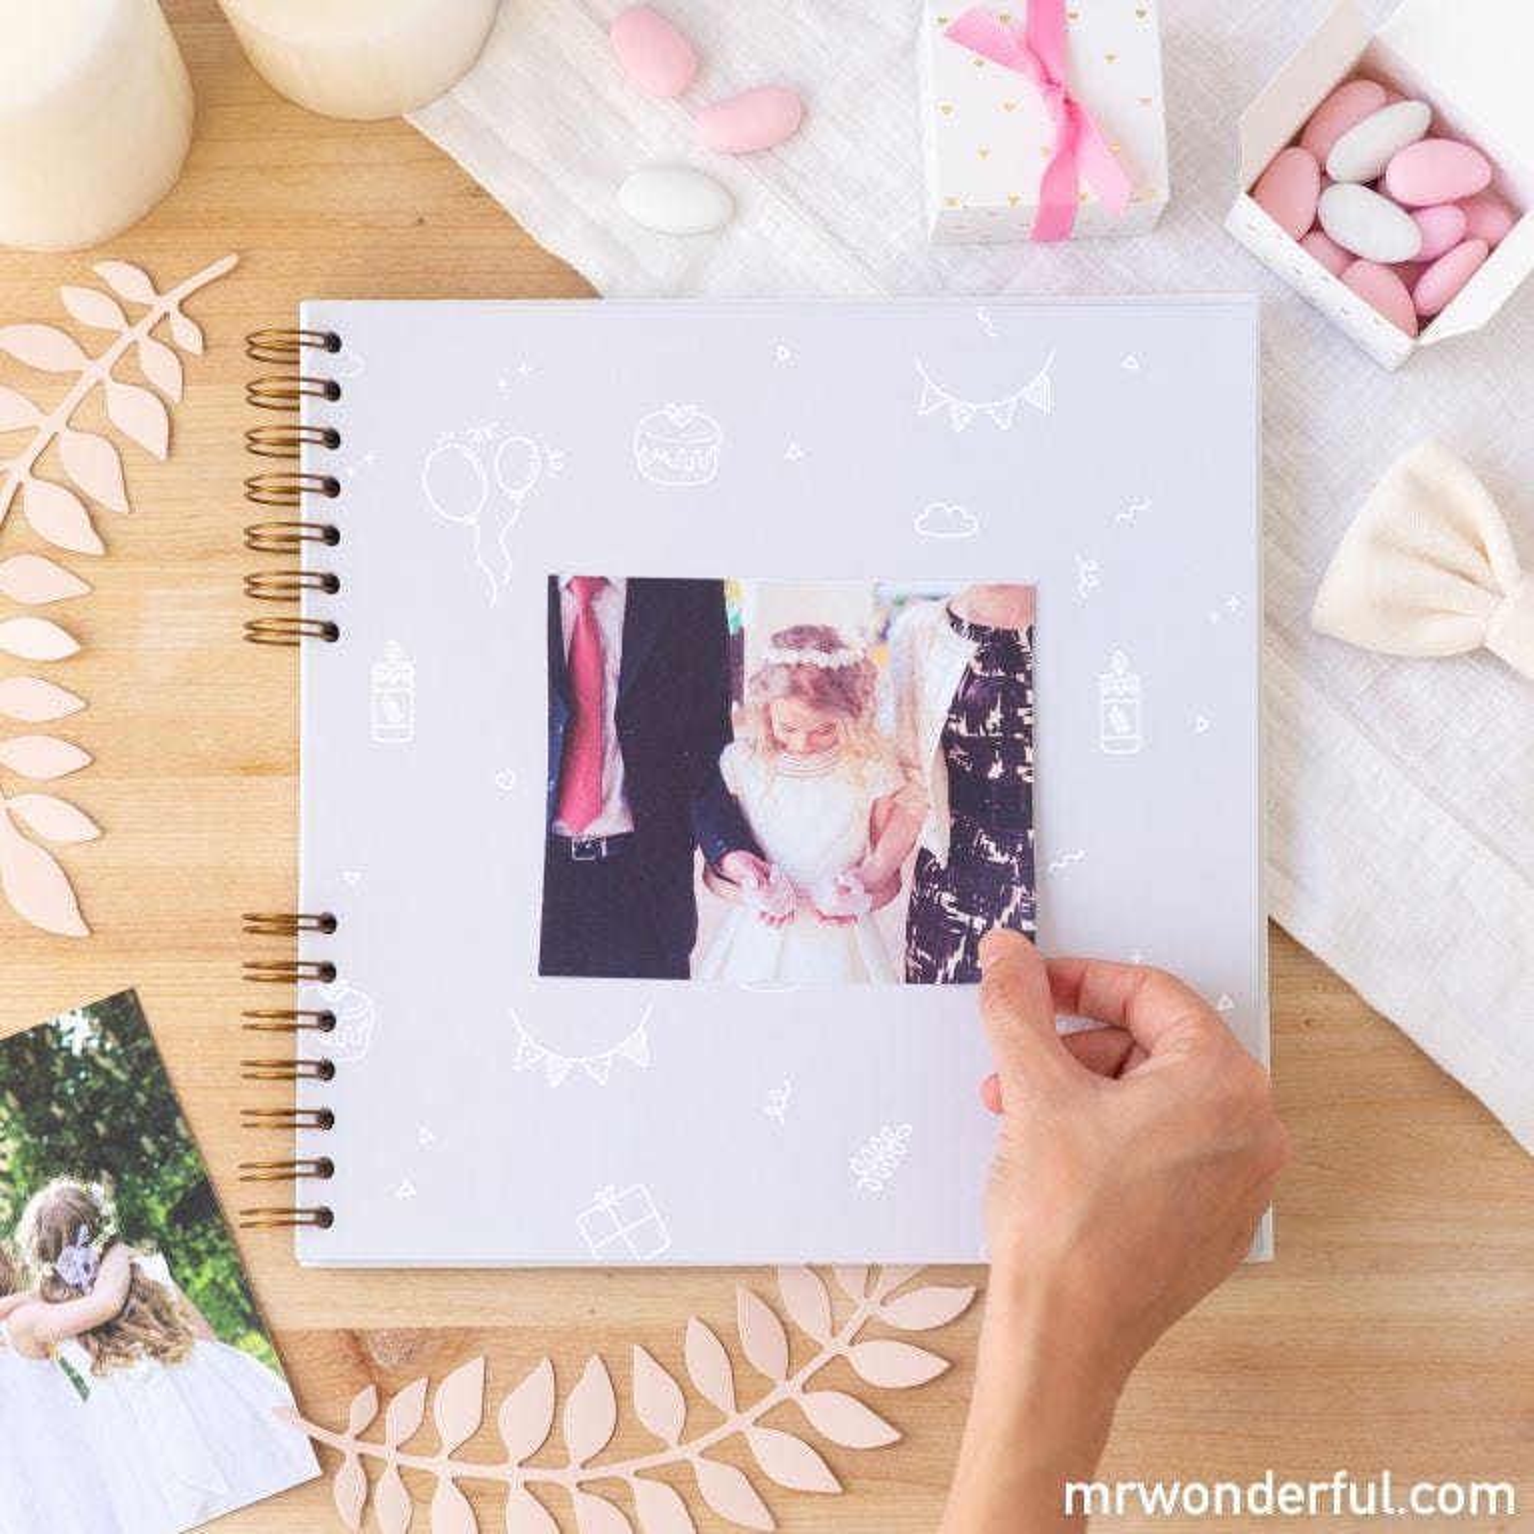 Álbum de fotos rosa - Bonitas recordações da Prime ira Comunhão